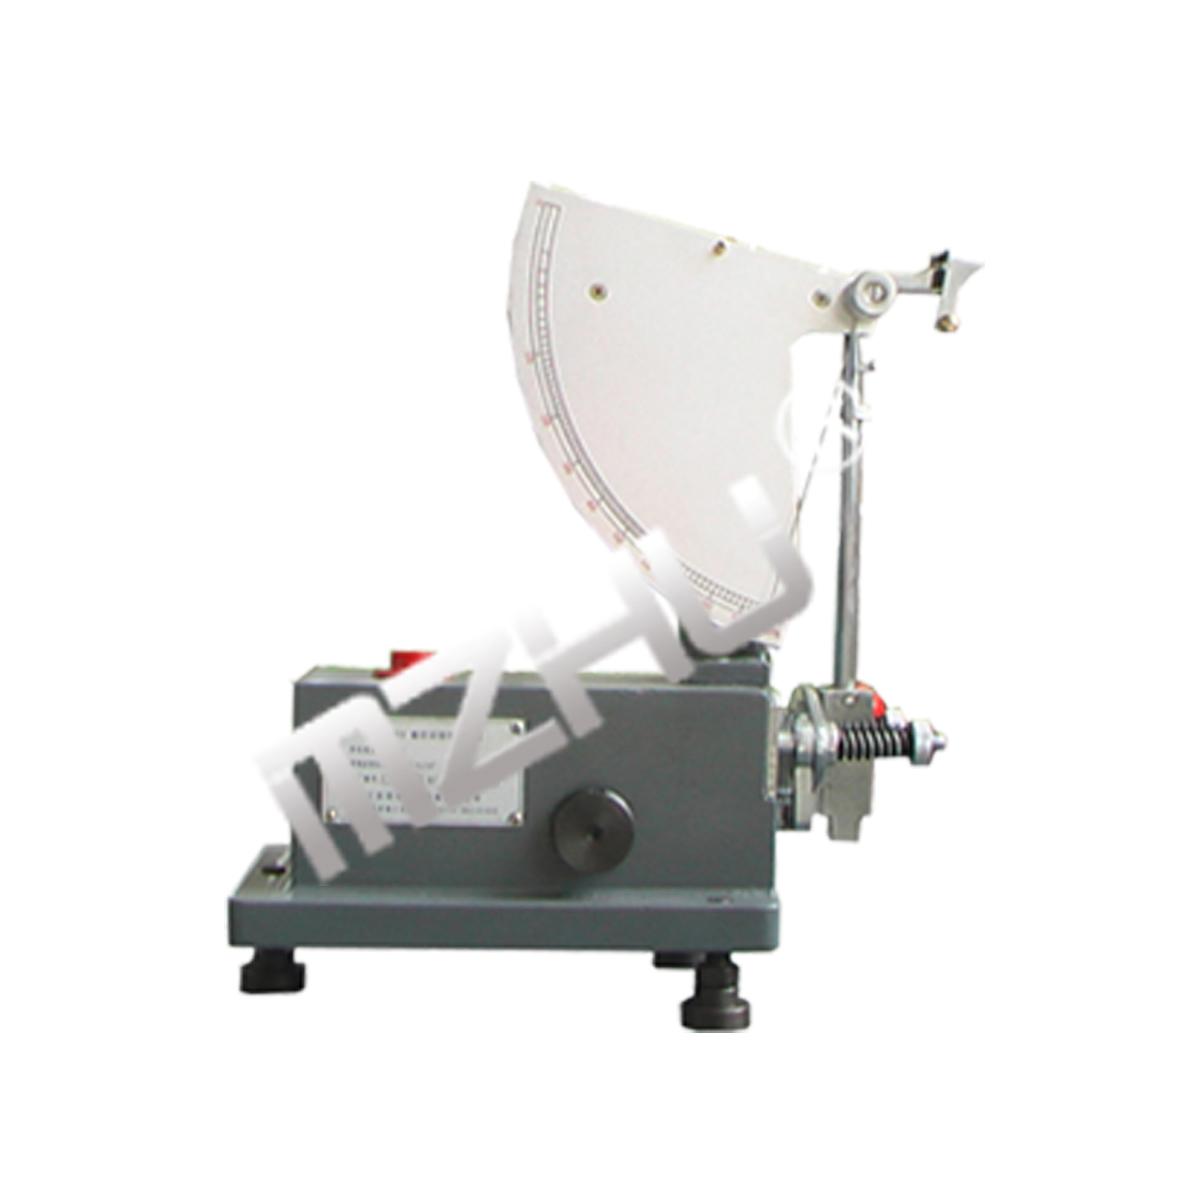 GB/T1681橡胶冲击弹性试验机/LX-D型硬度计